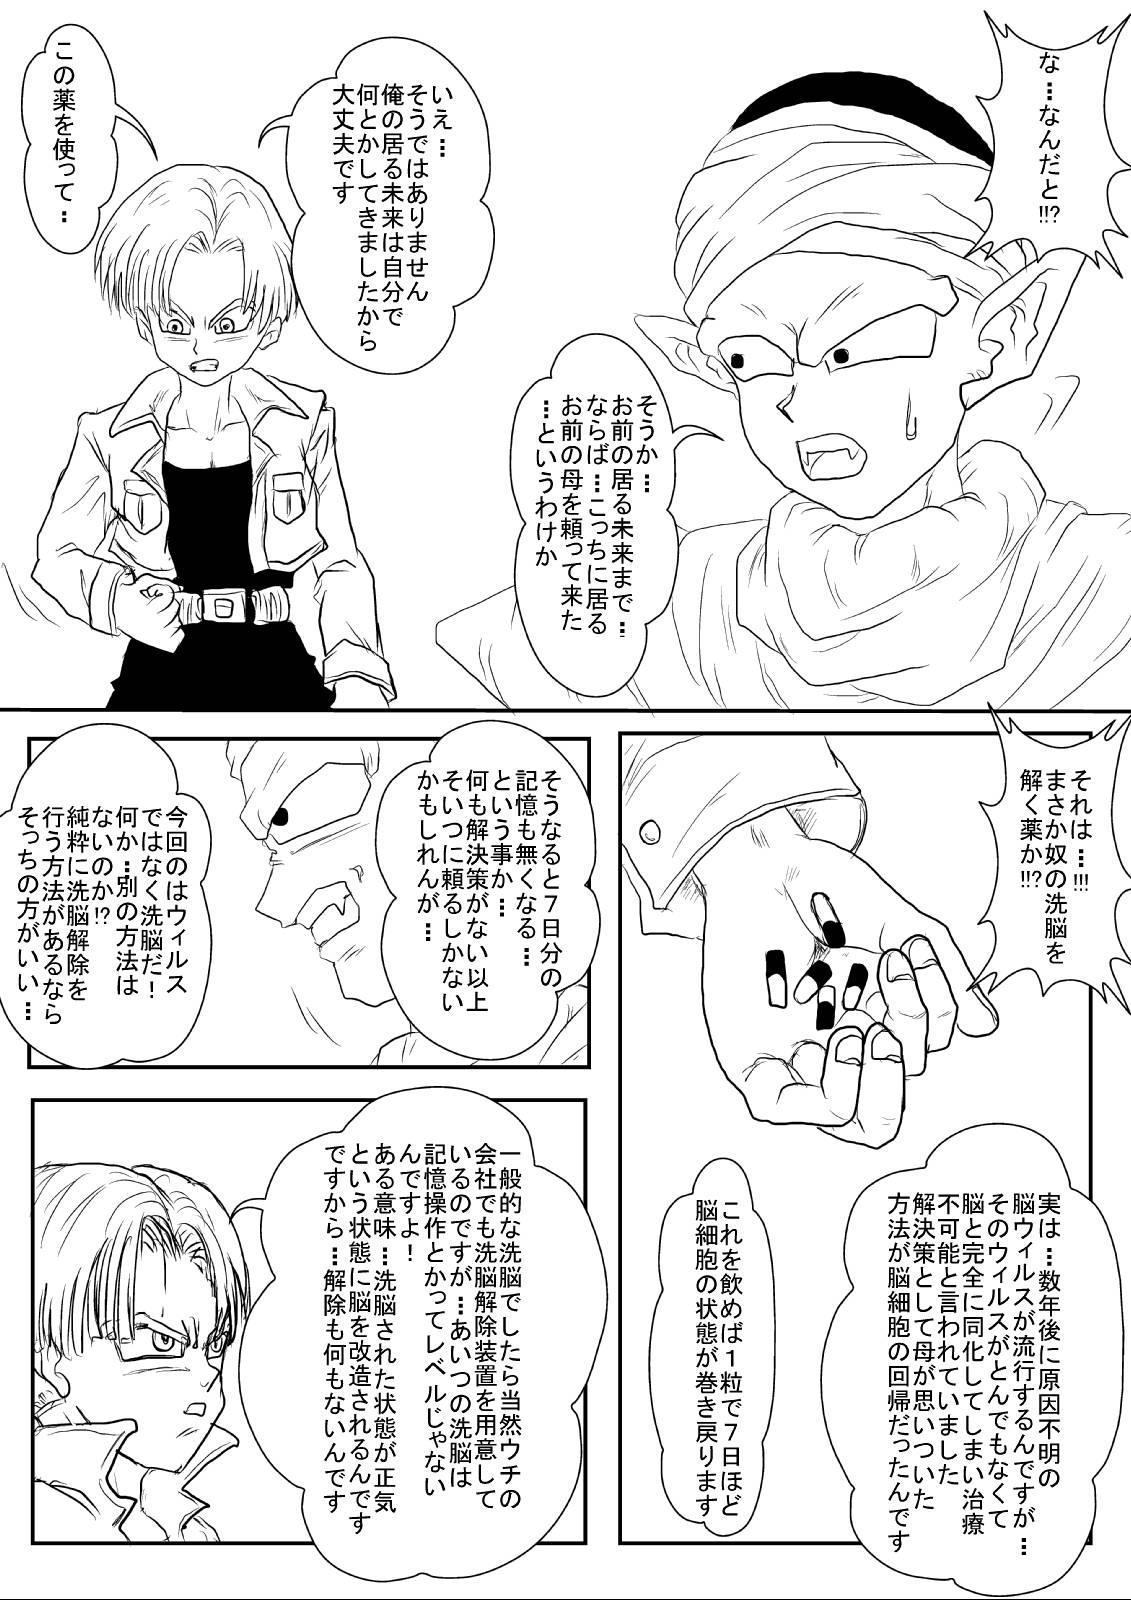 洗脳教育室~総集編Vol.01~ 340